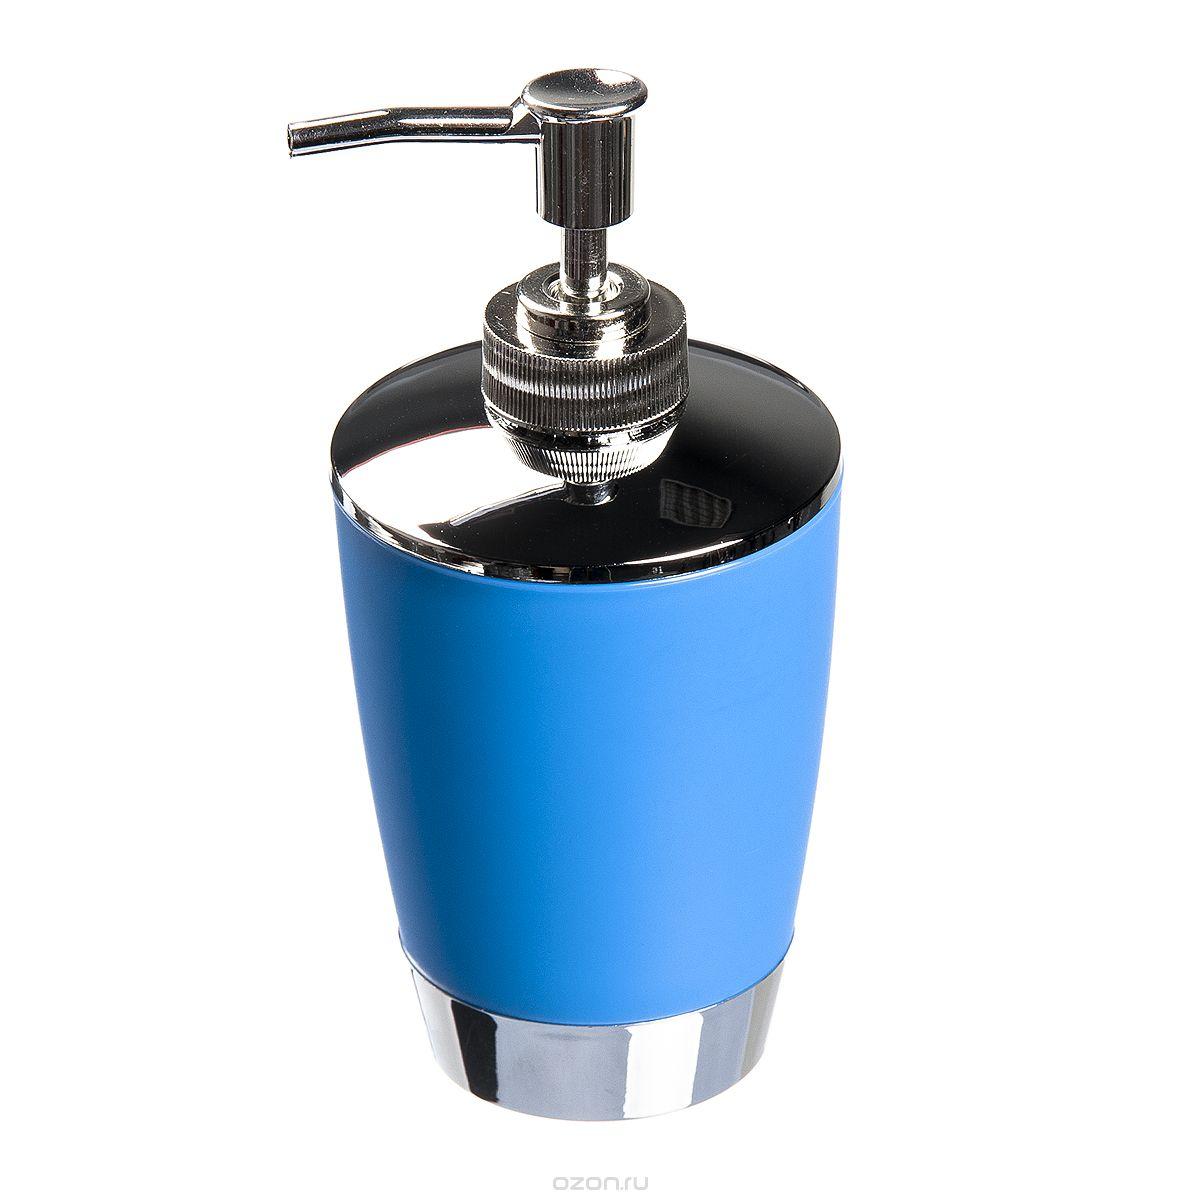 Диспенсер для жидкого мыла Fresh Code Настроение, цвет: голубой, 300 мл41619Диспенсер для жидкого мыла Fresh Code Настроение изготовлен из высокопрочного полипропилена с нескользящим покрытием. Изделие выполнено в строгой классической форме и дополнено элементами цвета металлик. Диспенсер для мыла очень удобен в использовании: просто надавите сверху, и из диспенсера выльется необходимое количество мыла.Диспенсер для жидкого мыла Fresh Code Настроение стильно украсит интерьер, а также добавит в обычную обстановку яркие и модные акценты.